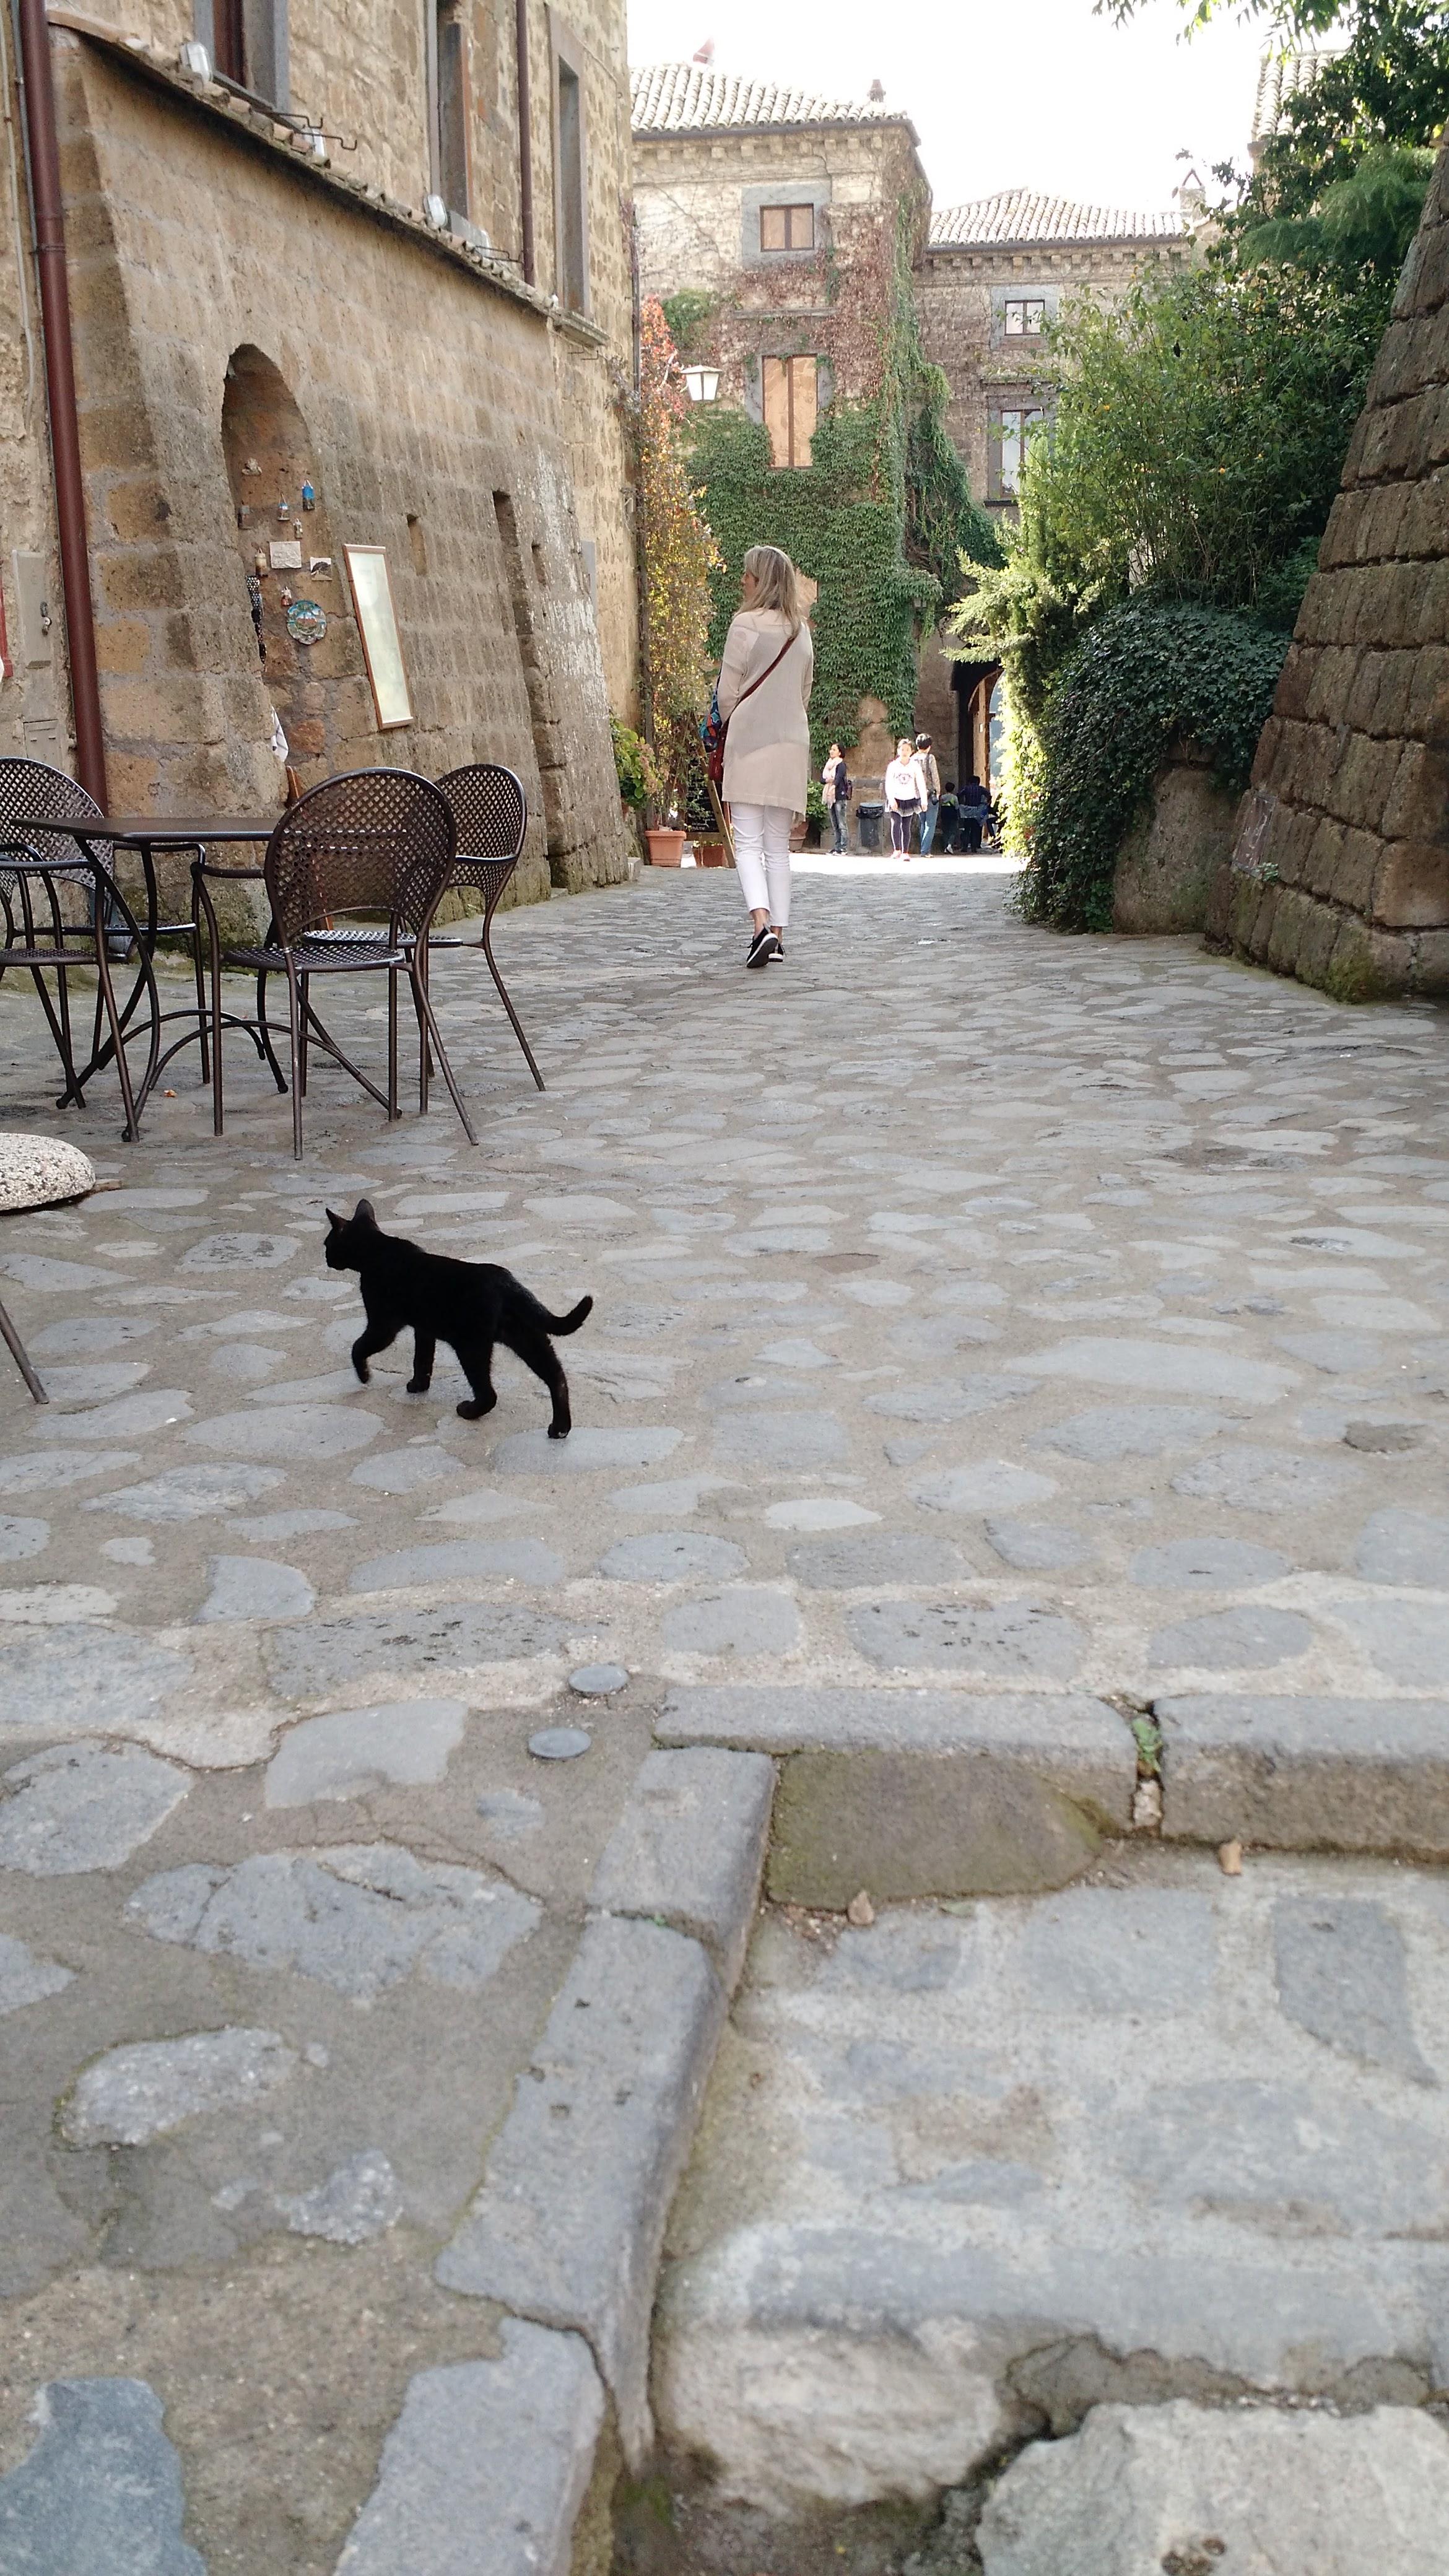 In the town of Civiti di Bagnoreggio